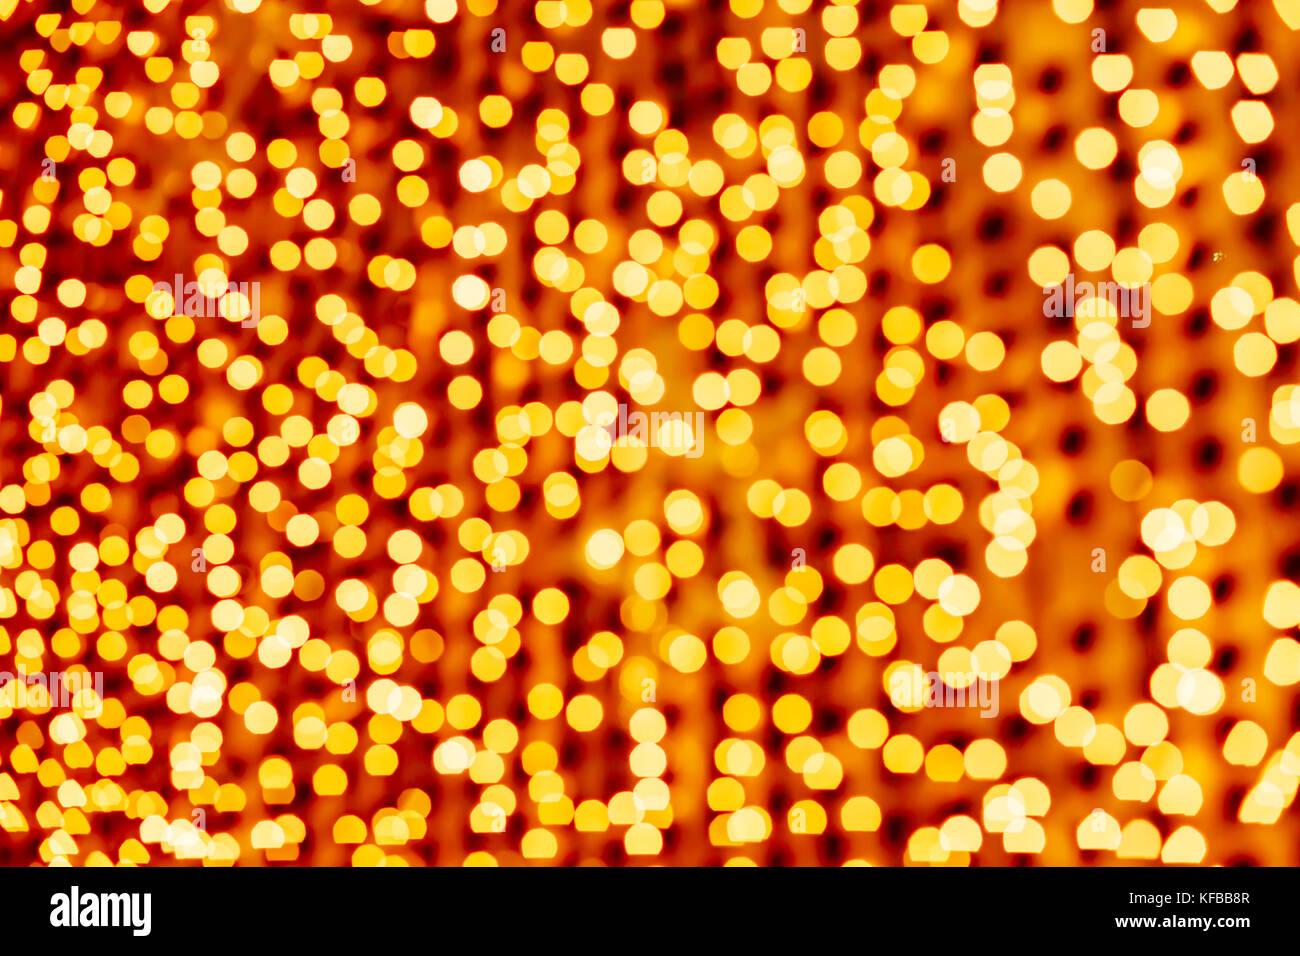 Resumen Antecedentes en amarillo. Bokeh. Fondo de Navidad, Año Nuevo. Imagen De Stock